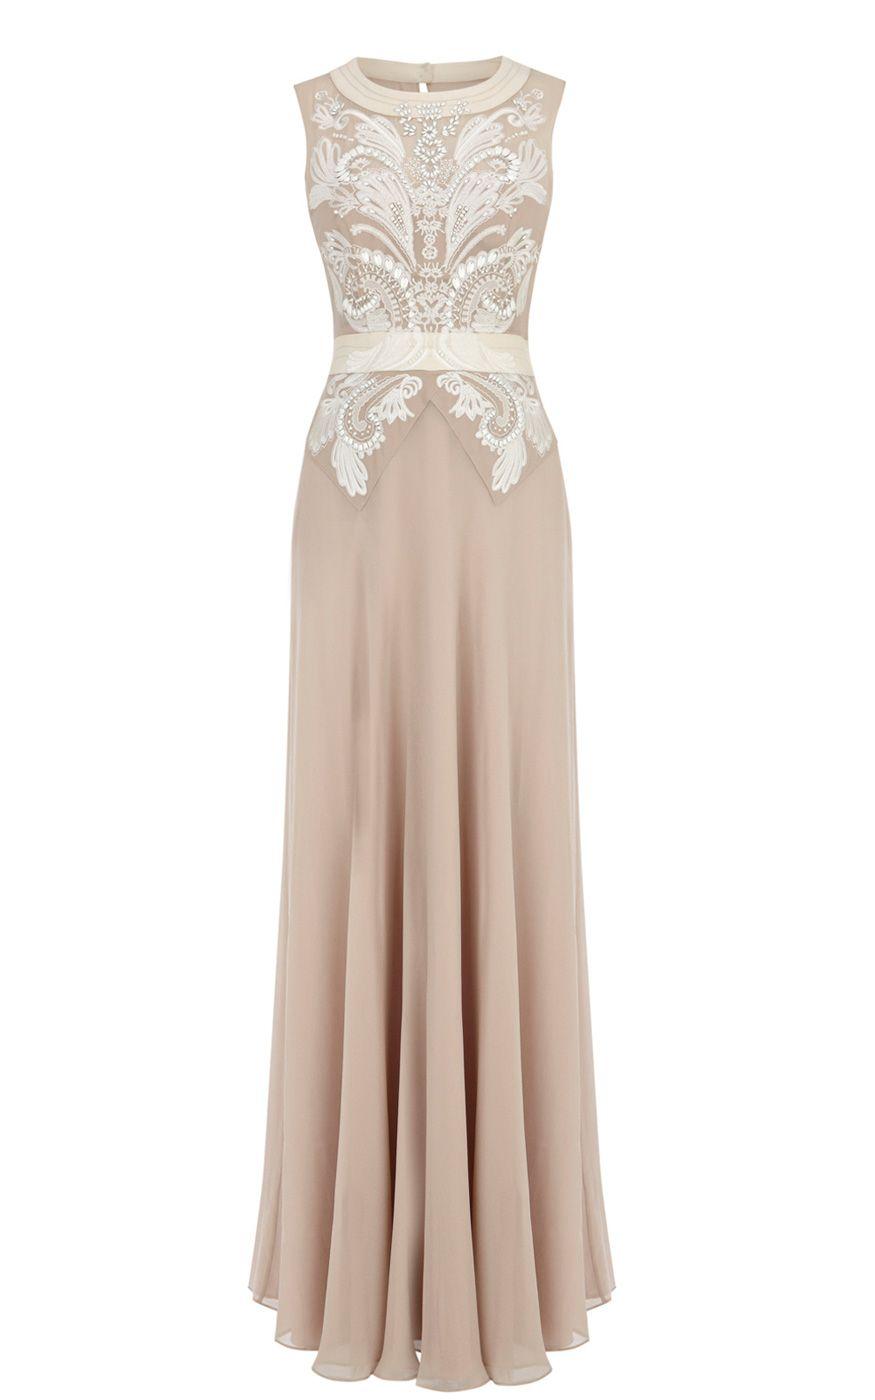 Cutwork and bead maxi dress from Karen Millen  Dresses